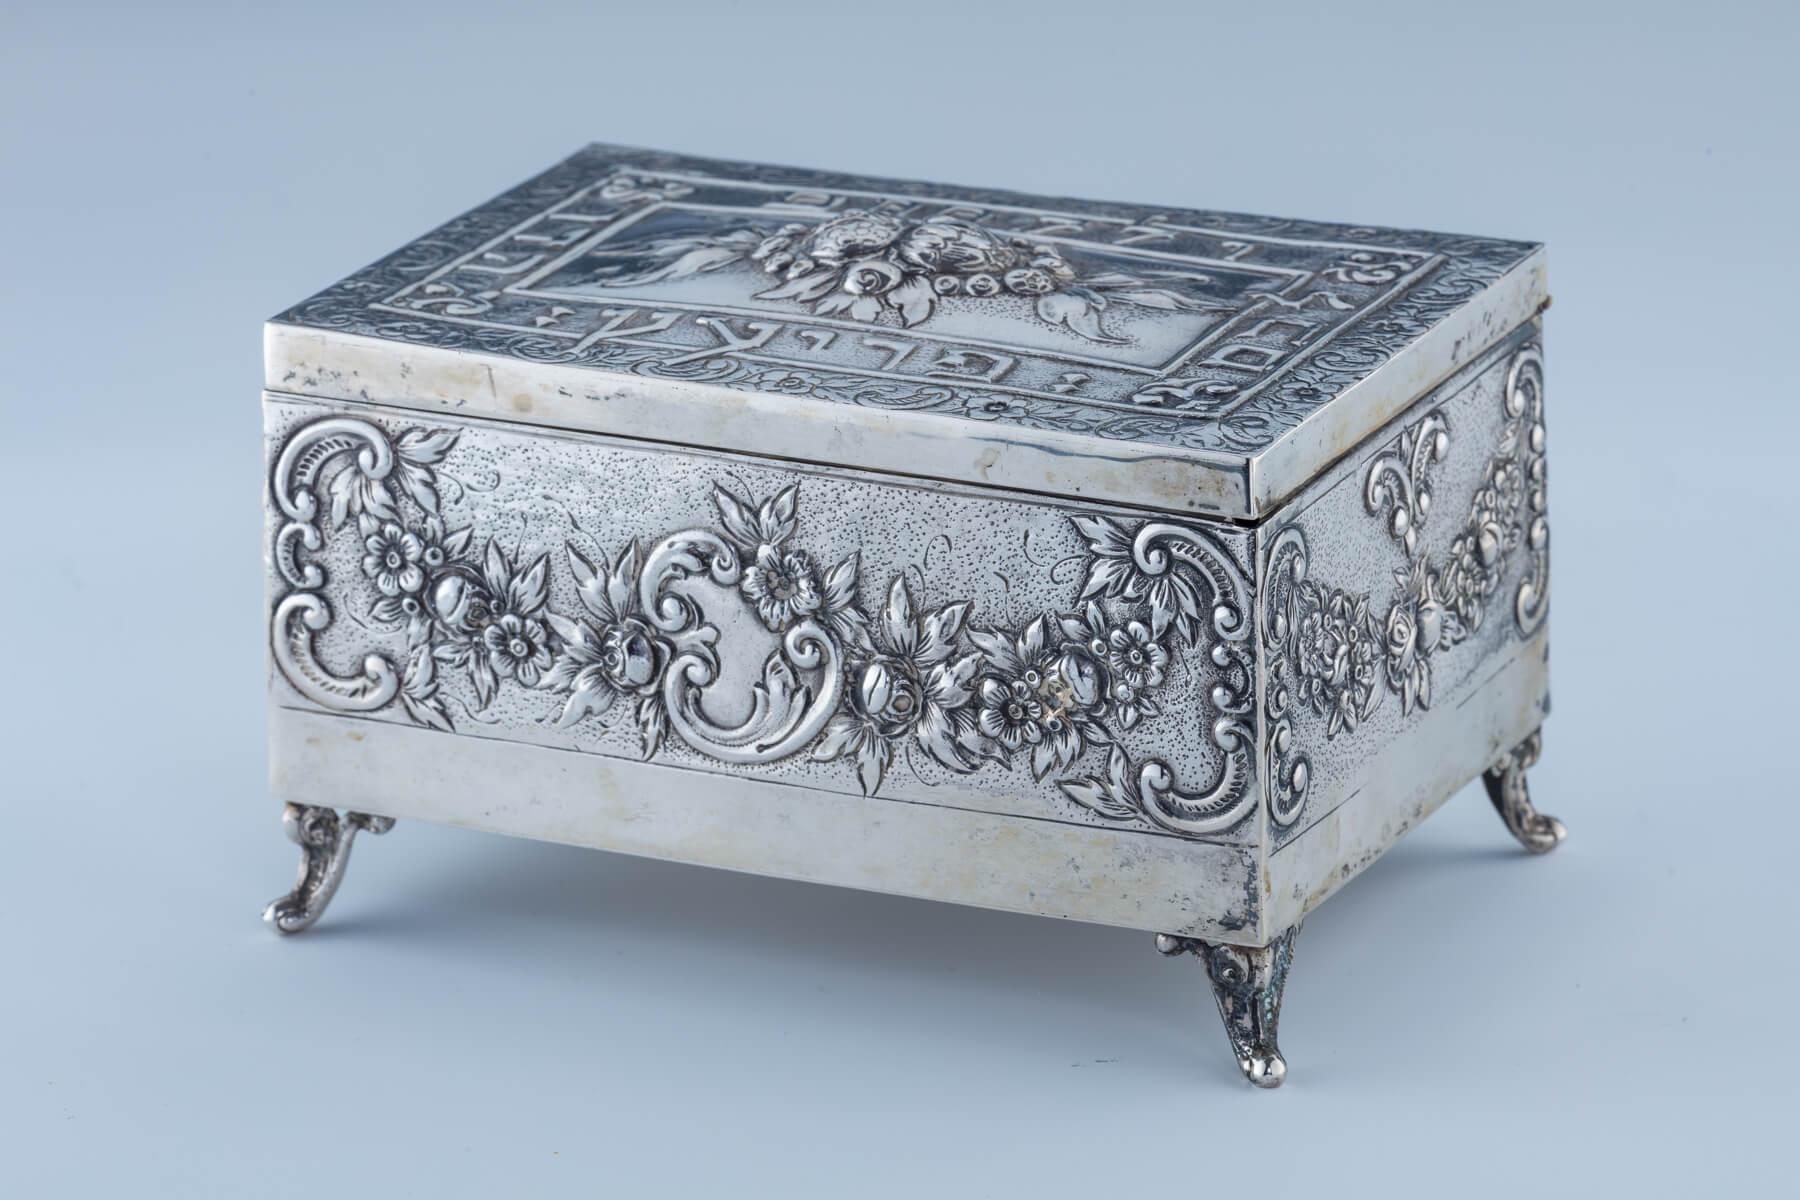 9. A Silver Etrog Box